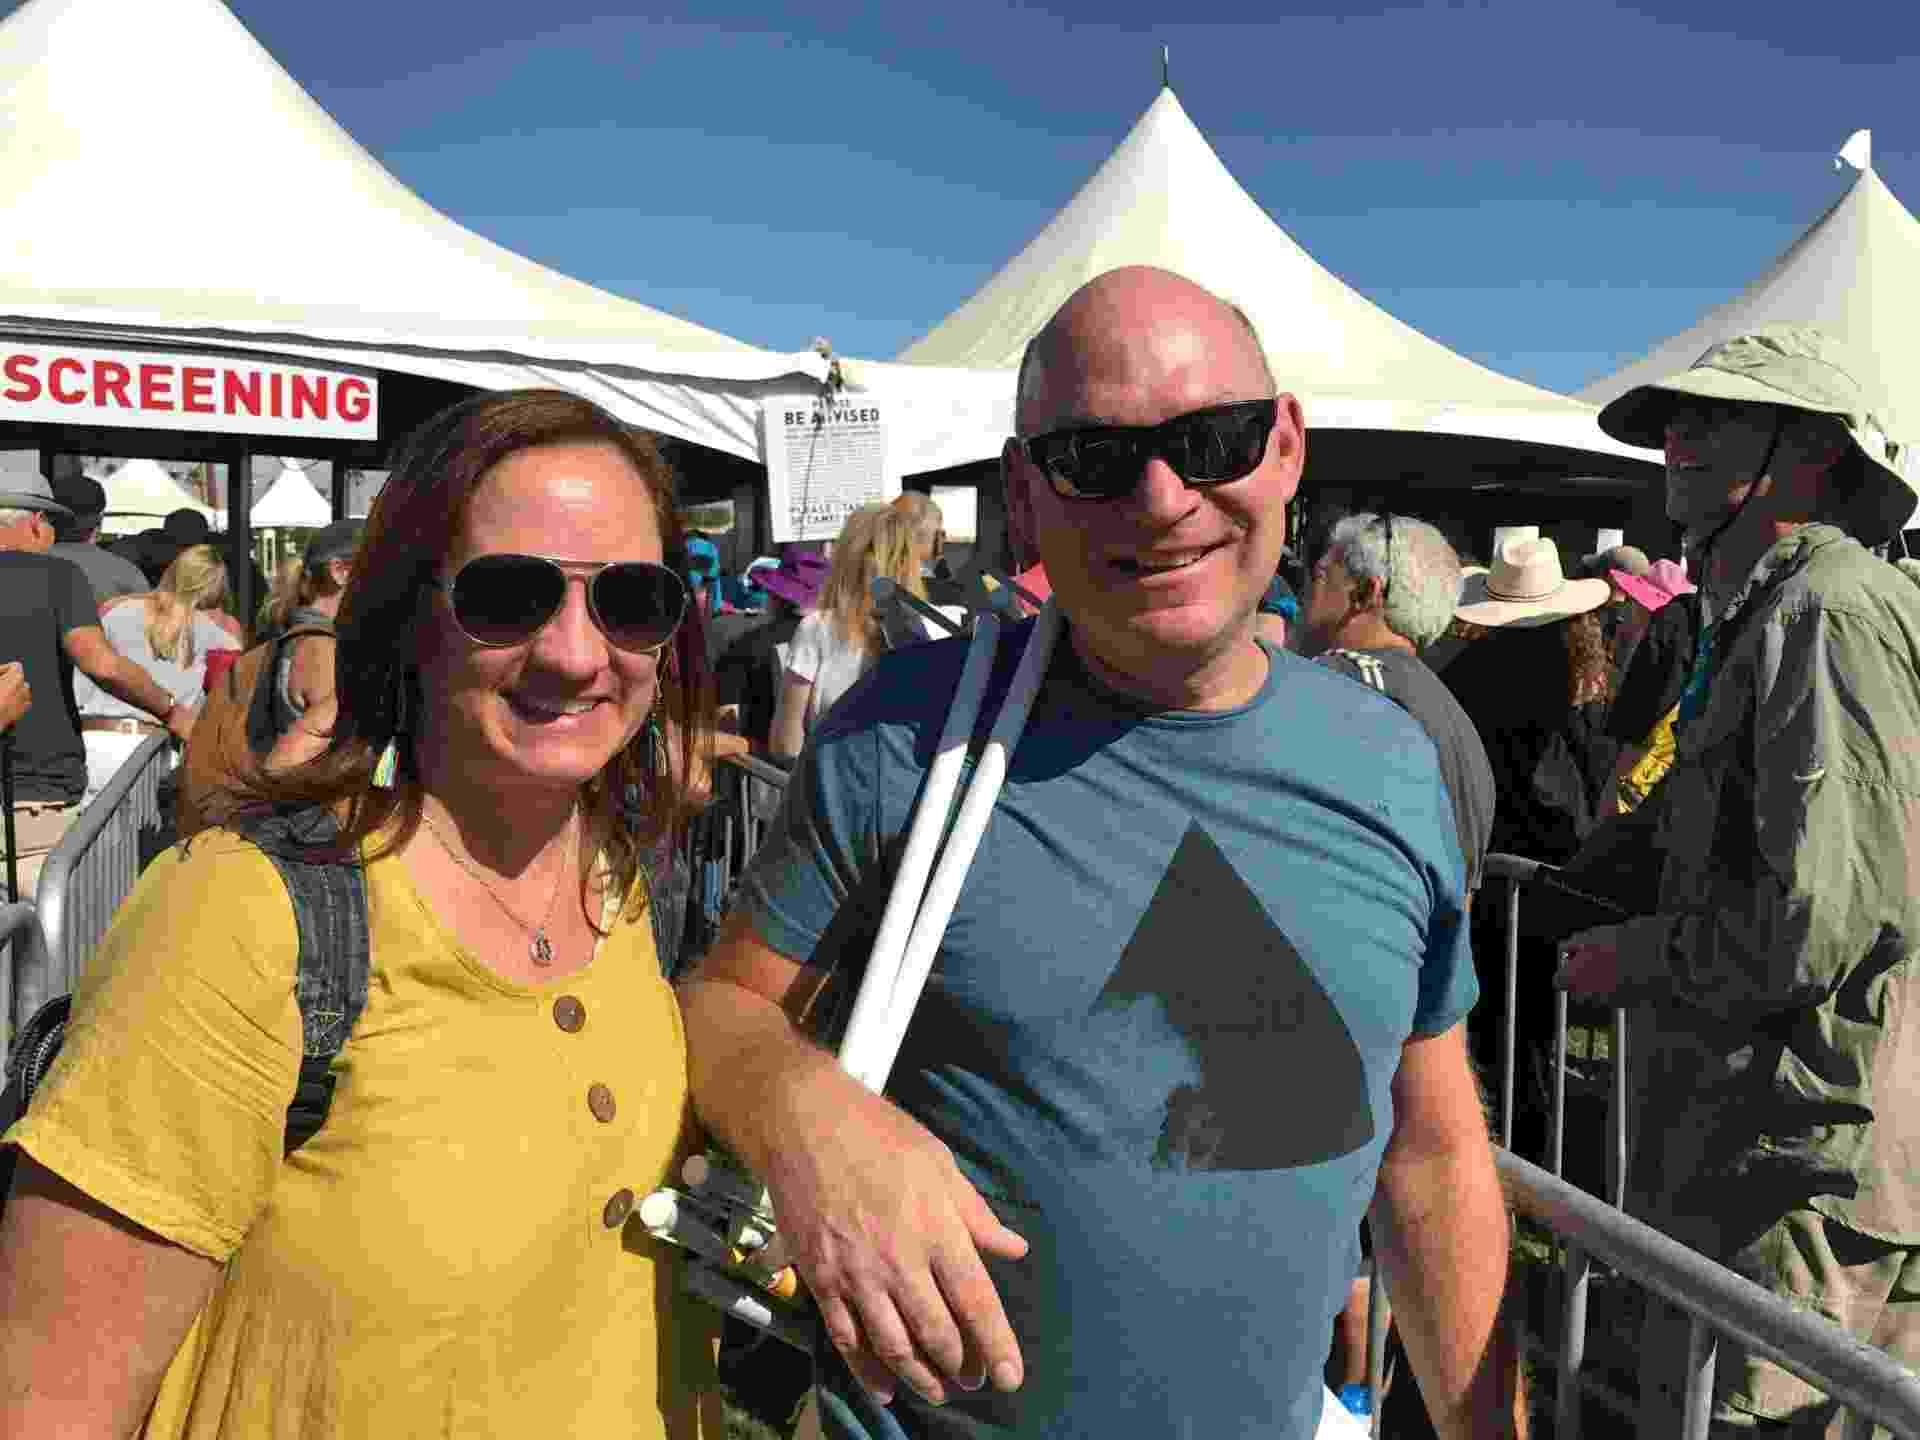 9.out.2016 - O casal Kim e Dave Danielski, de Chicago, ambos de 55 anos, foram ao festival Desert Trip em Indio, na Califórnia - Felipe Branco Cruz/UOL